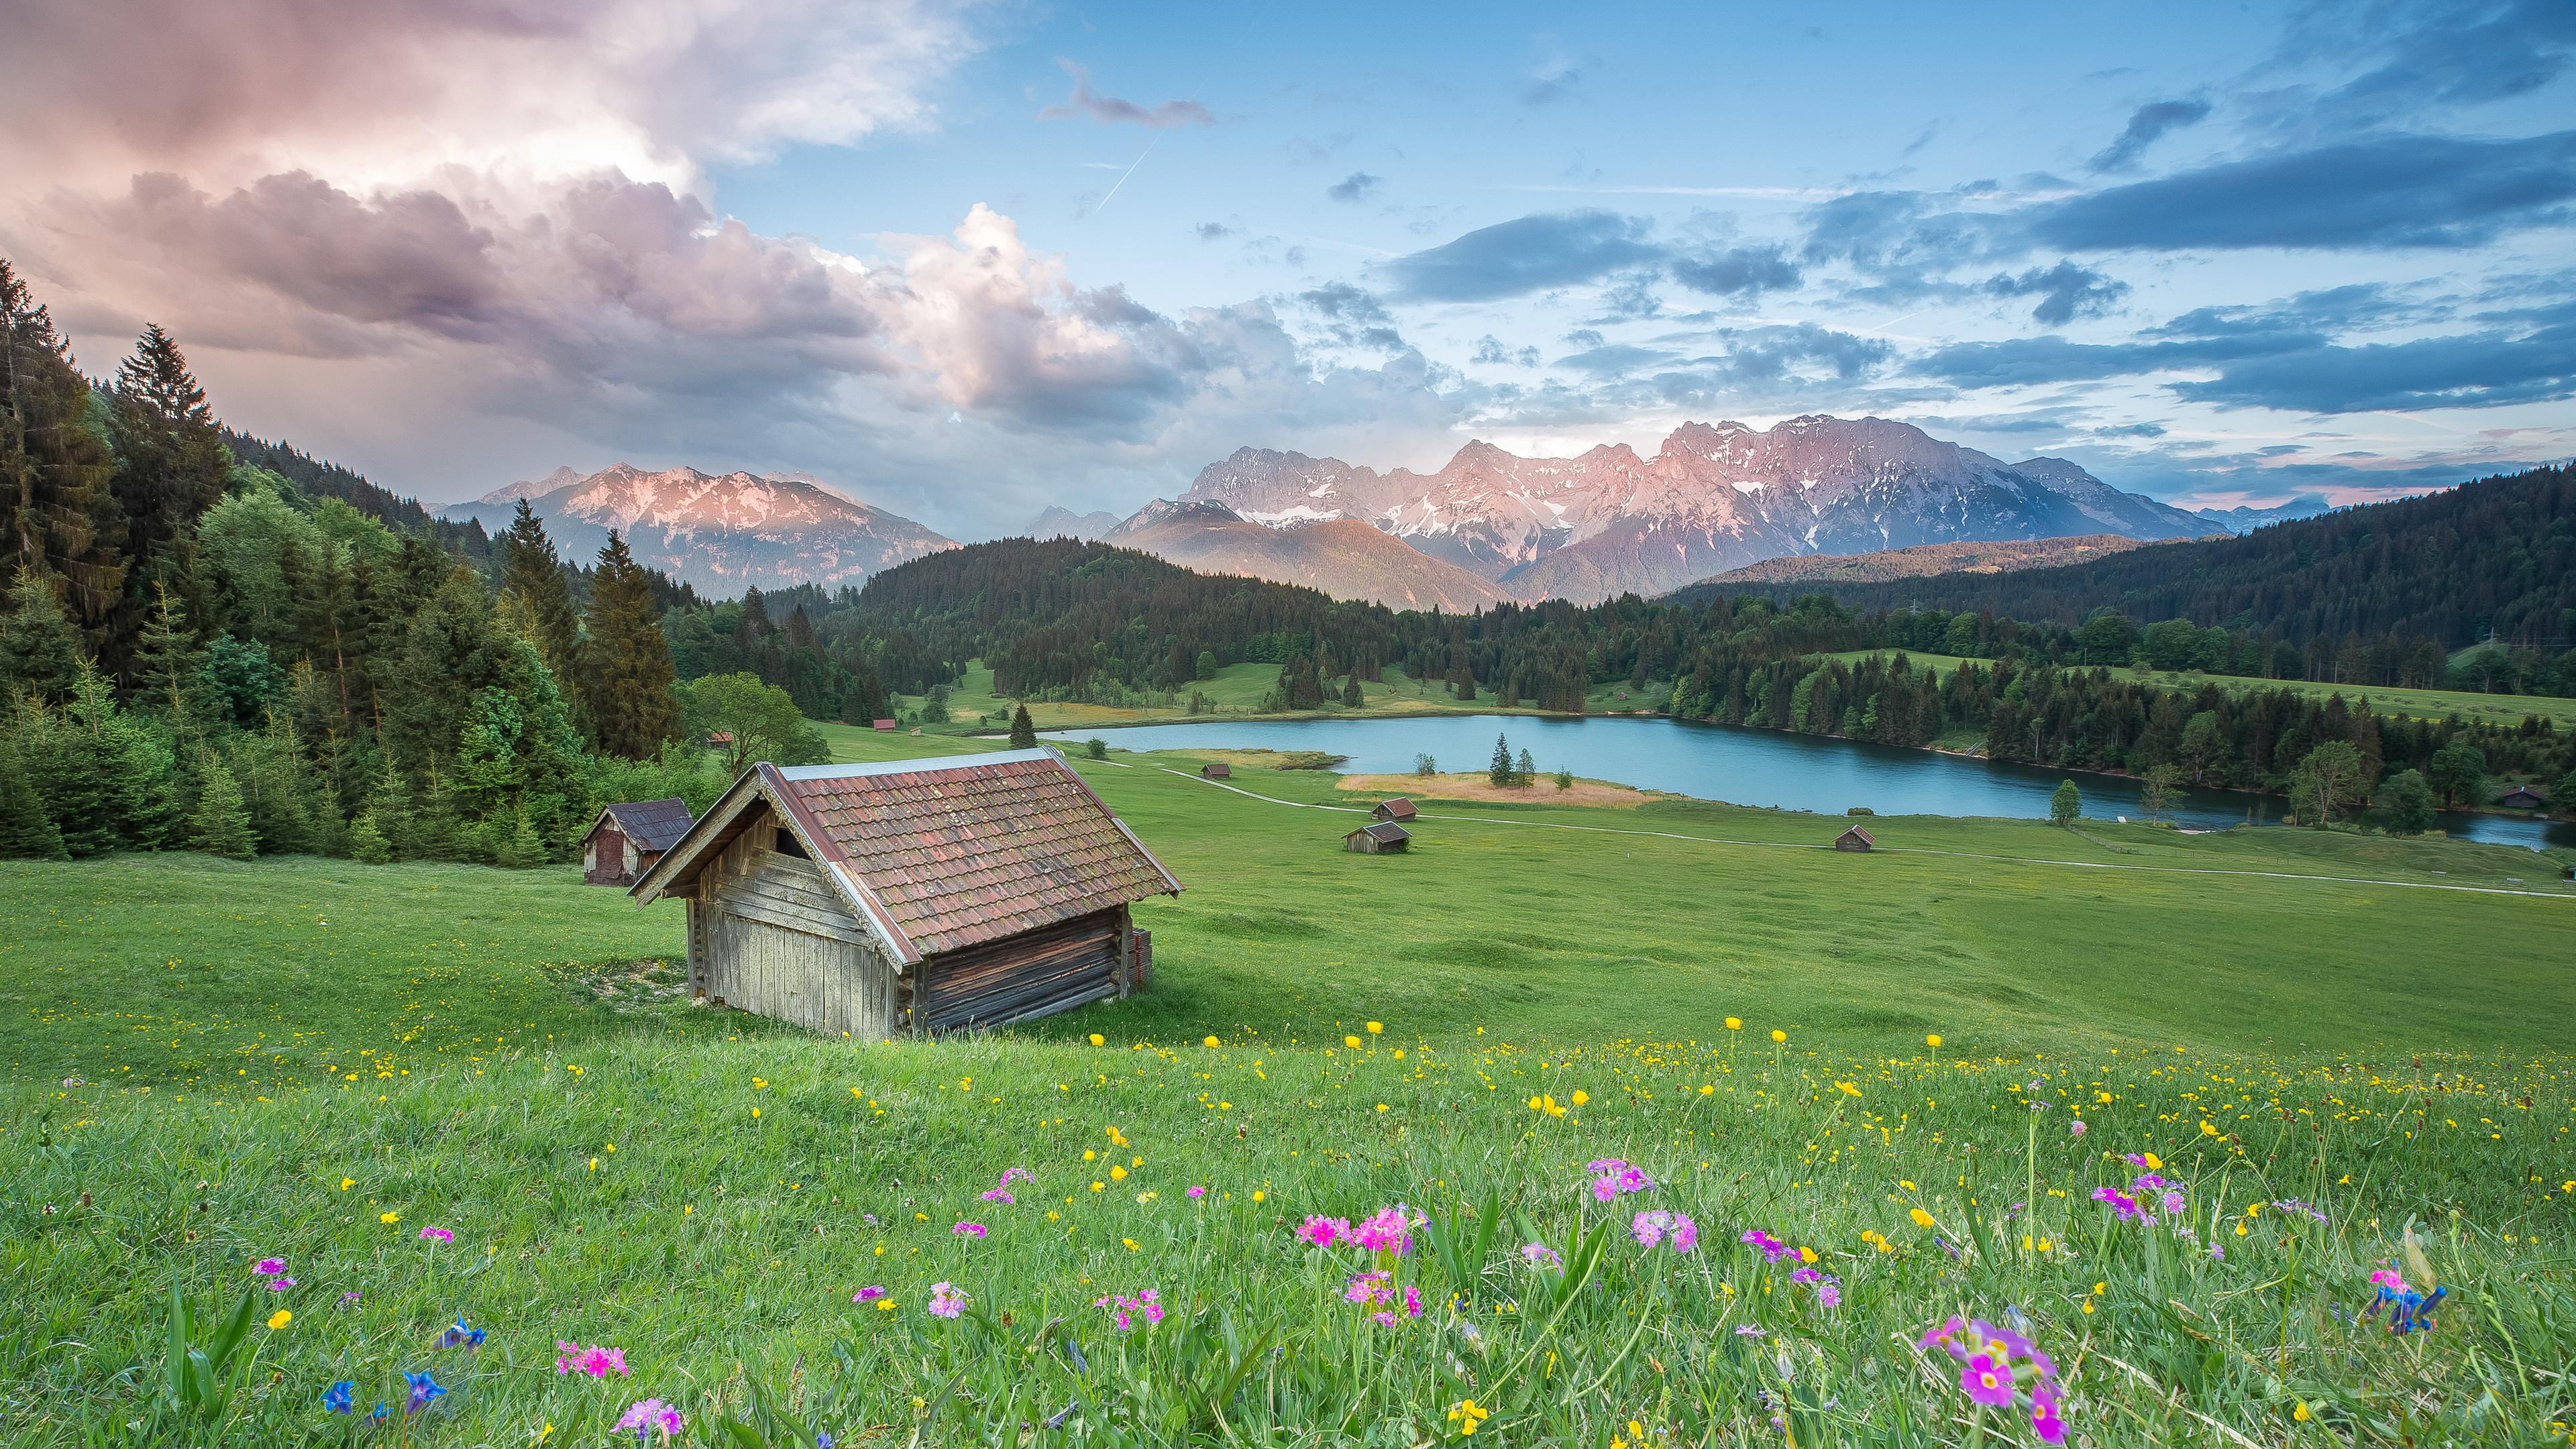 阿尔卑斯山风景